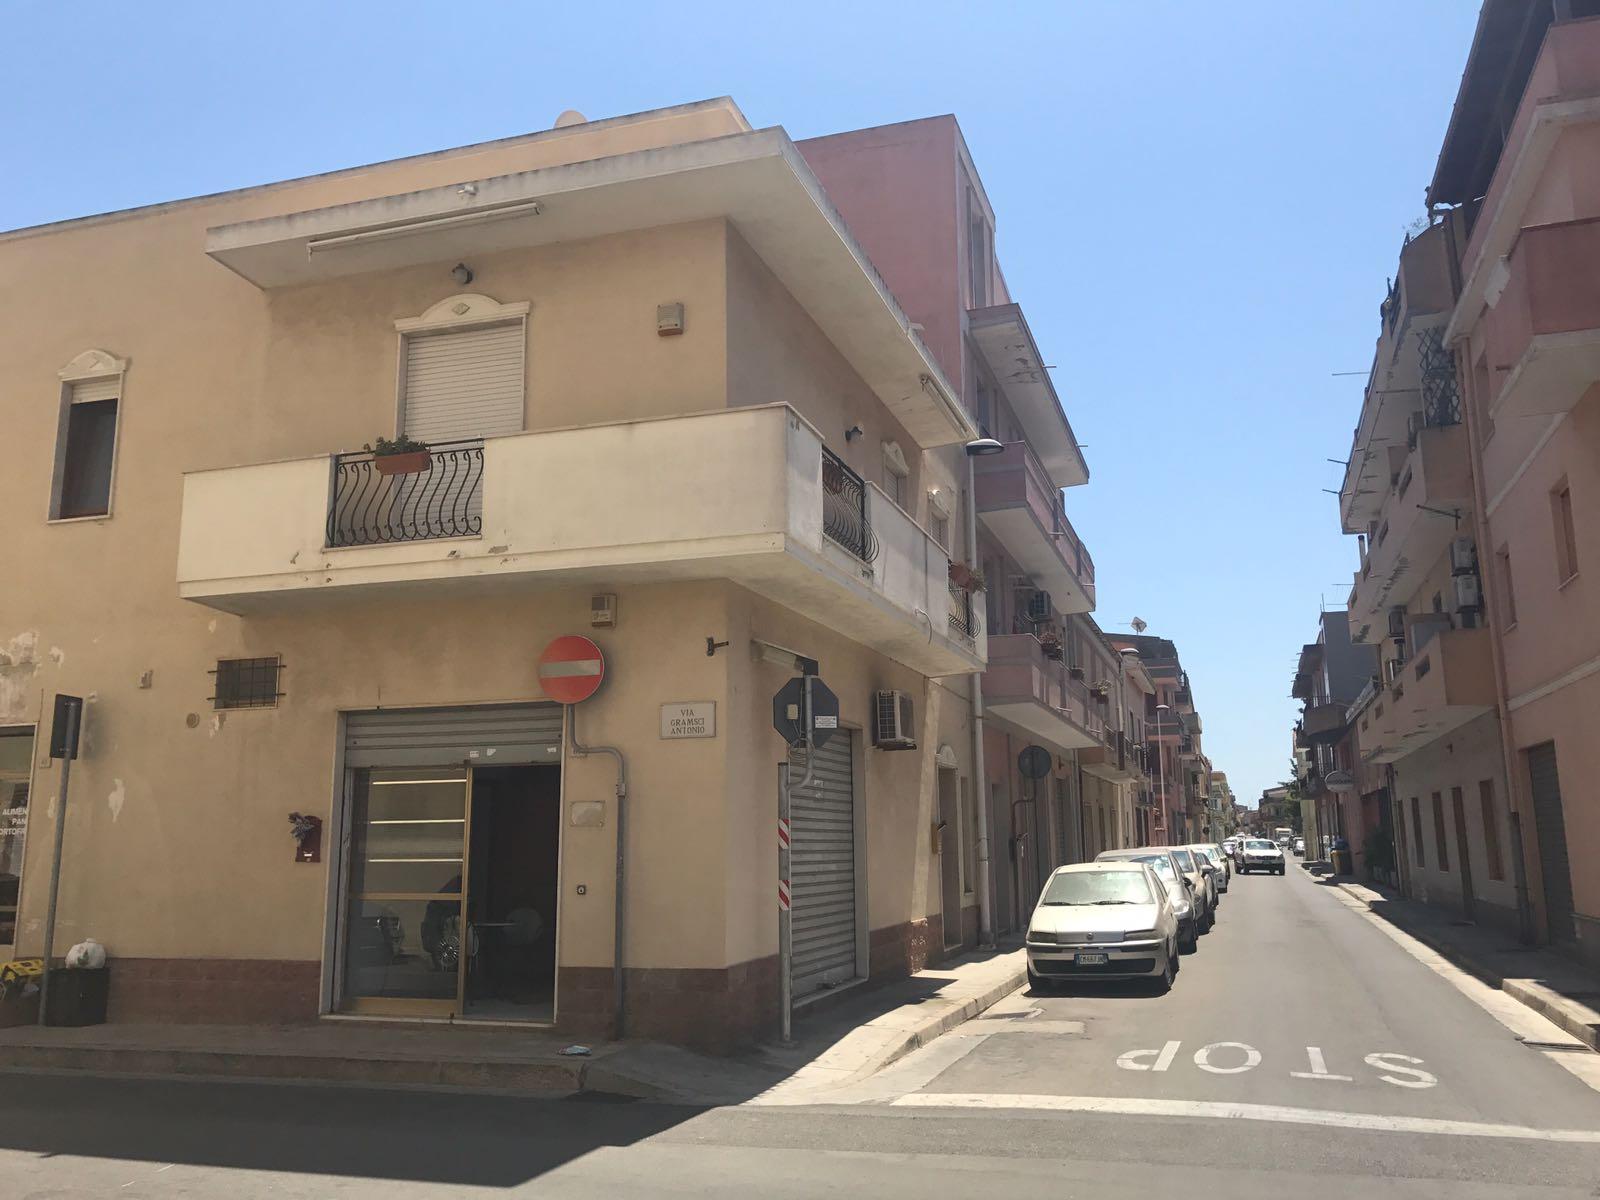 Attività / Licenza in affitto a Quartu Sant'Elena, 9999 locali, zona Località: Colombo, prezzo € 430 | CambioCasa.it